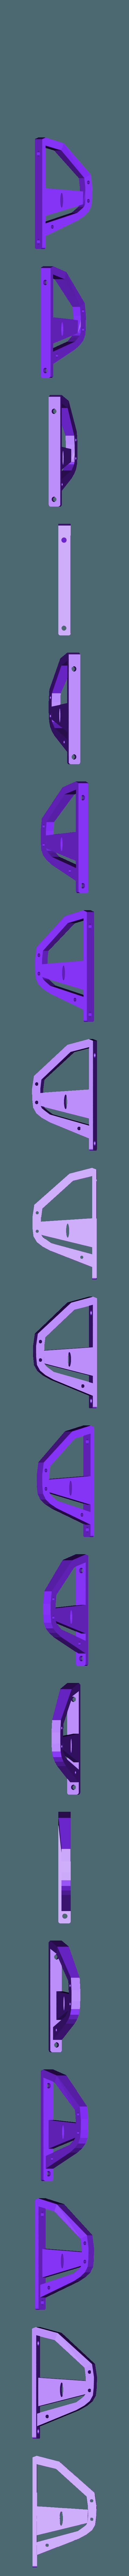 split_x140_15_l.stl Télécharger fichier STL gratuit Helifar X140 Pro - Runcam Split - montage par le haut • Design imprimable en 3D, noctaro